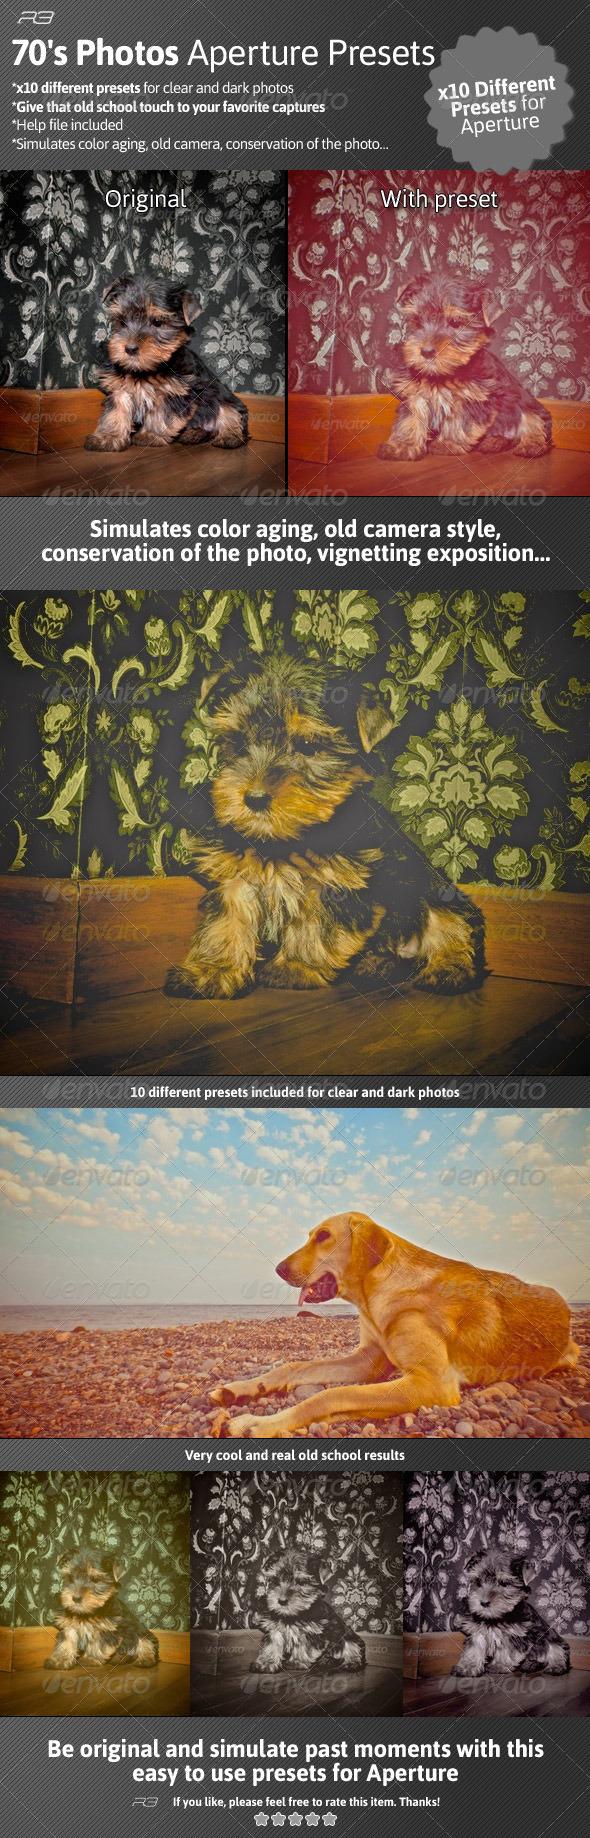 GraphicRiver 70 s Photos Aperture Presets 4731570